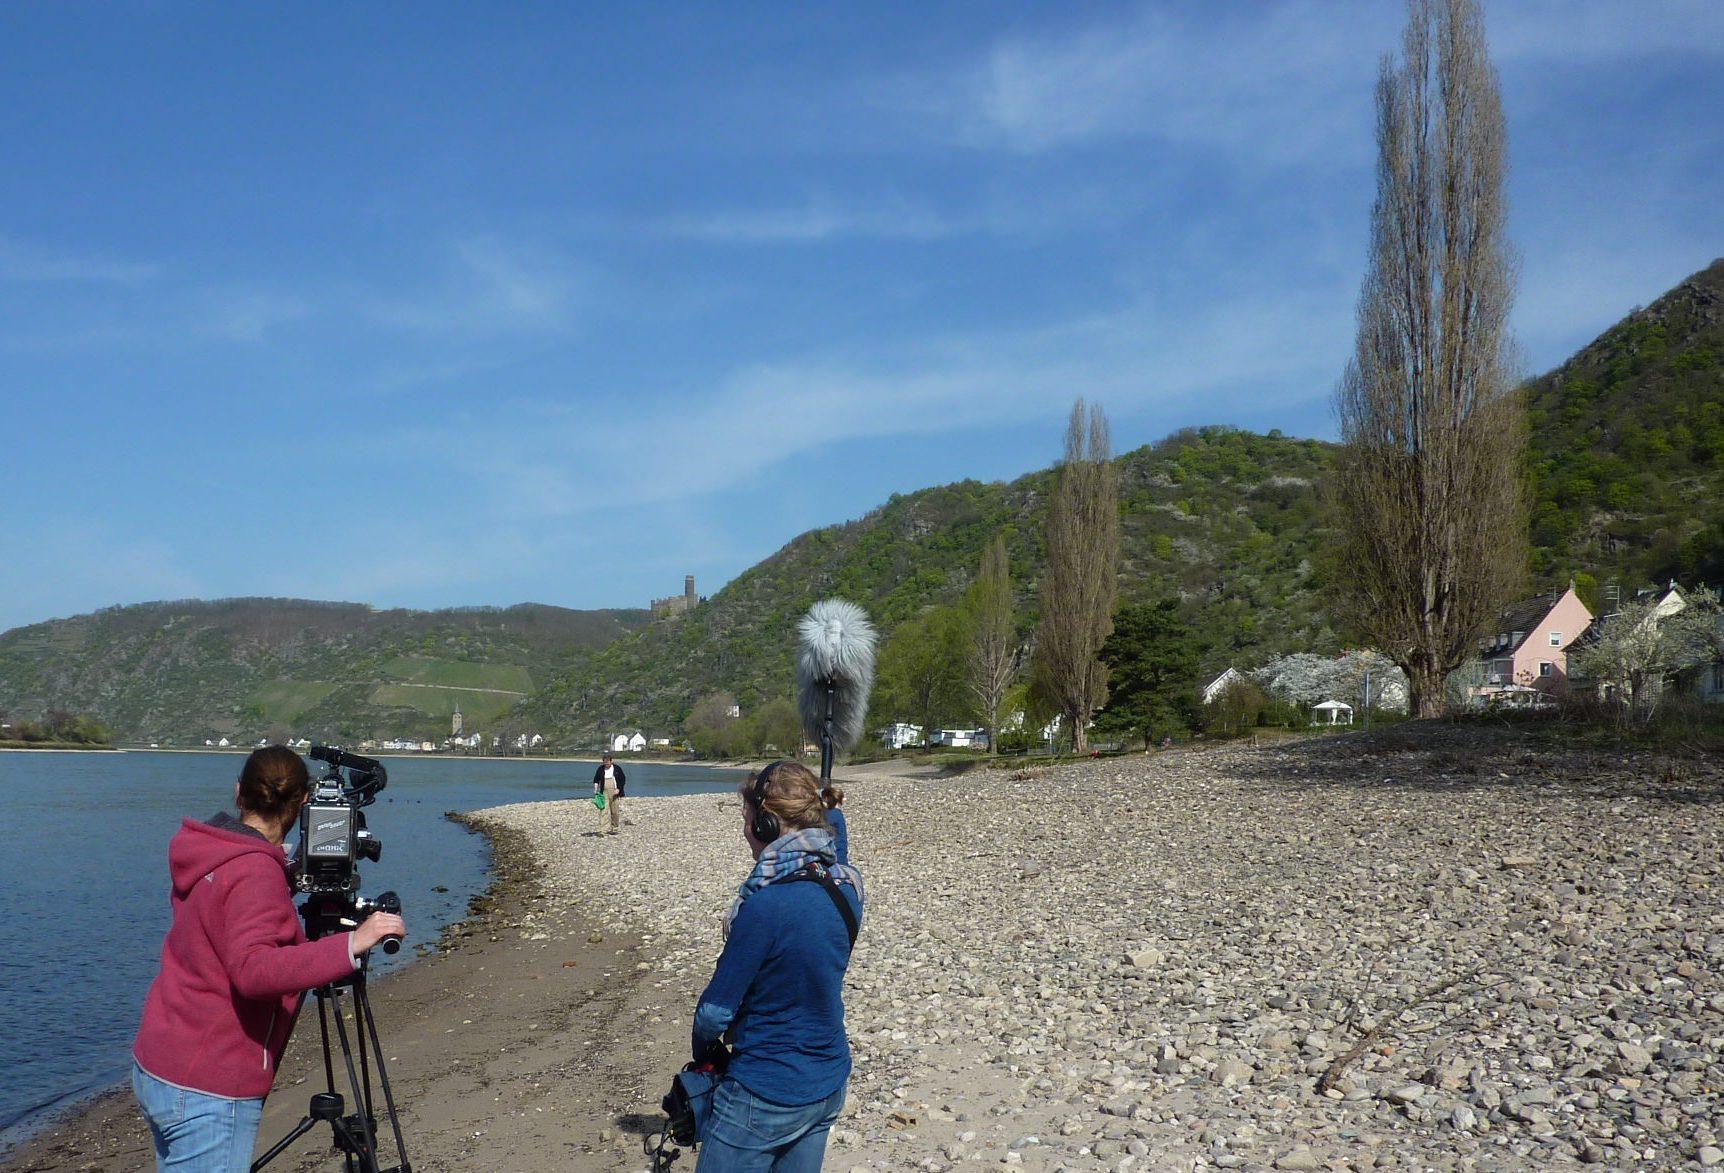 Kamerafrau und Assistentin am Rheinufer bei Sankt Goarshausen